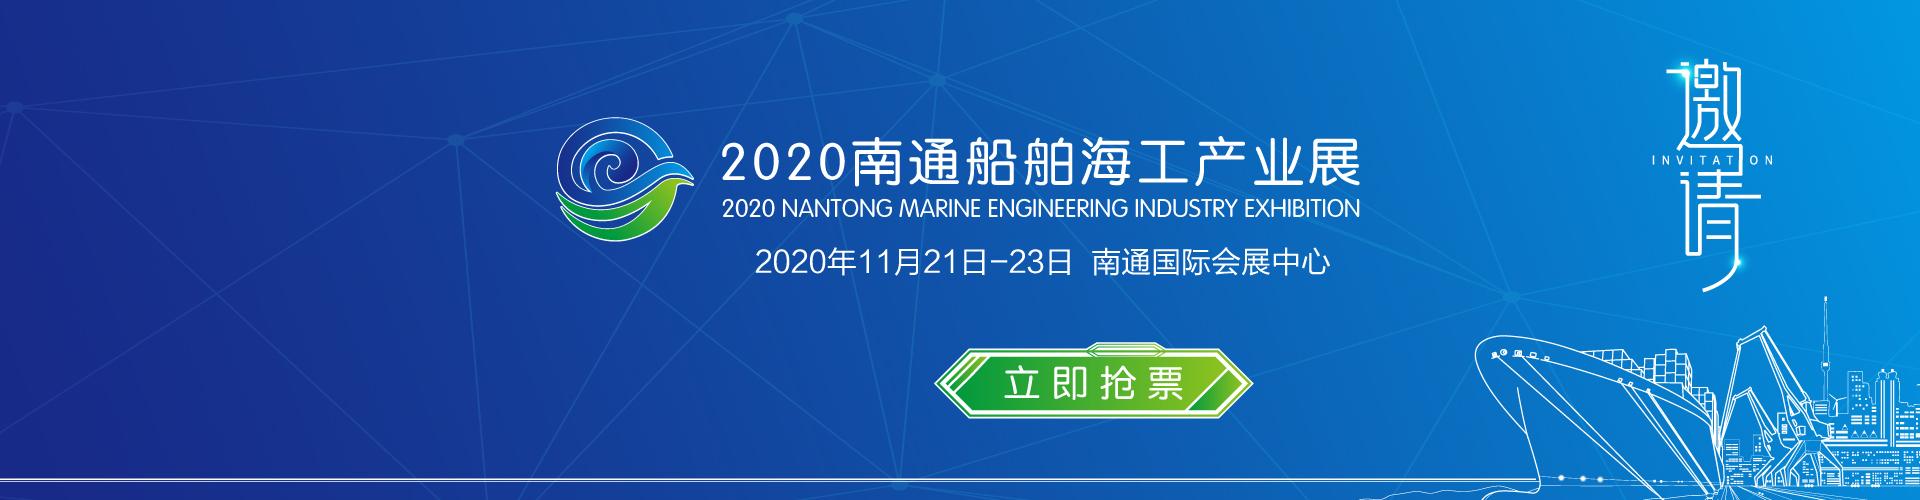 2020南通船舶海工产业展